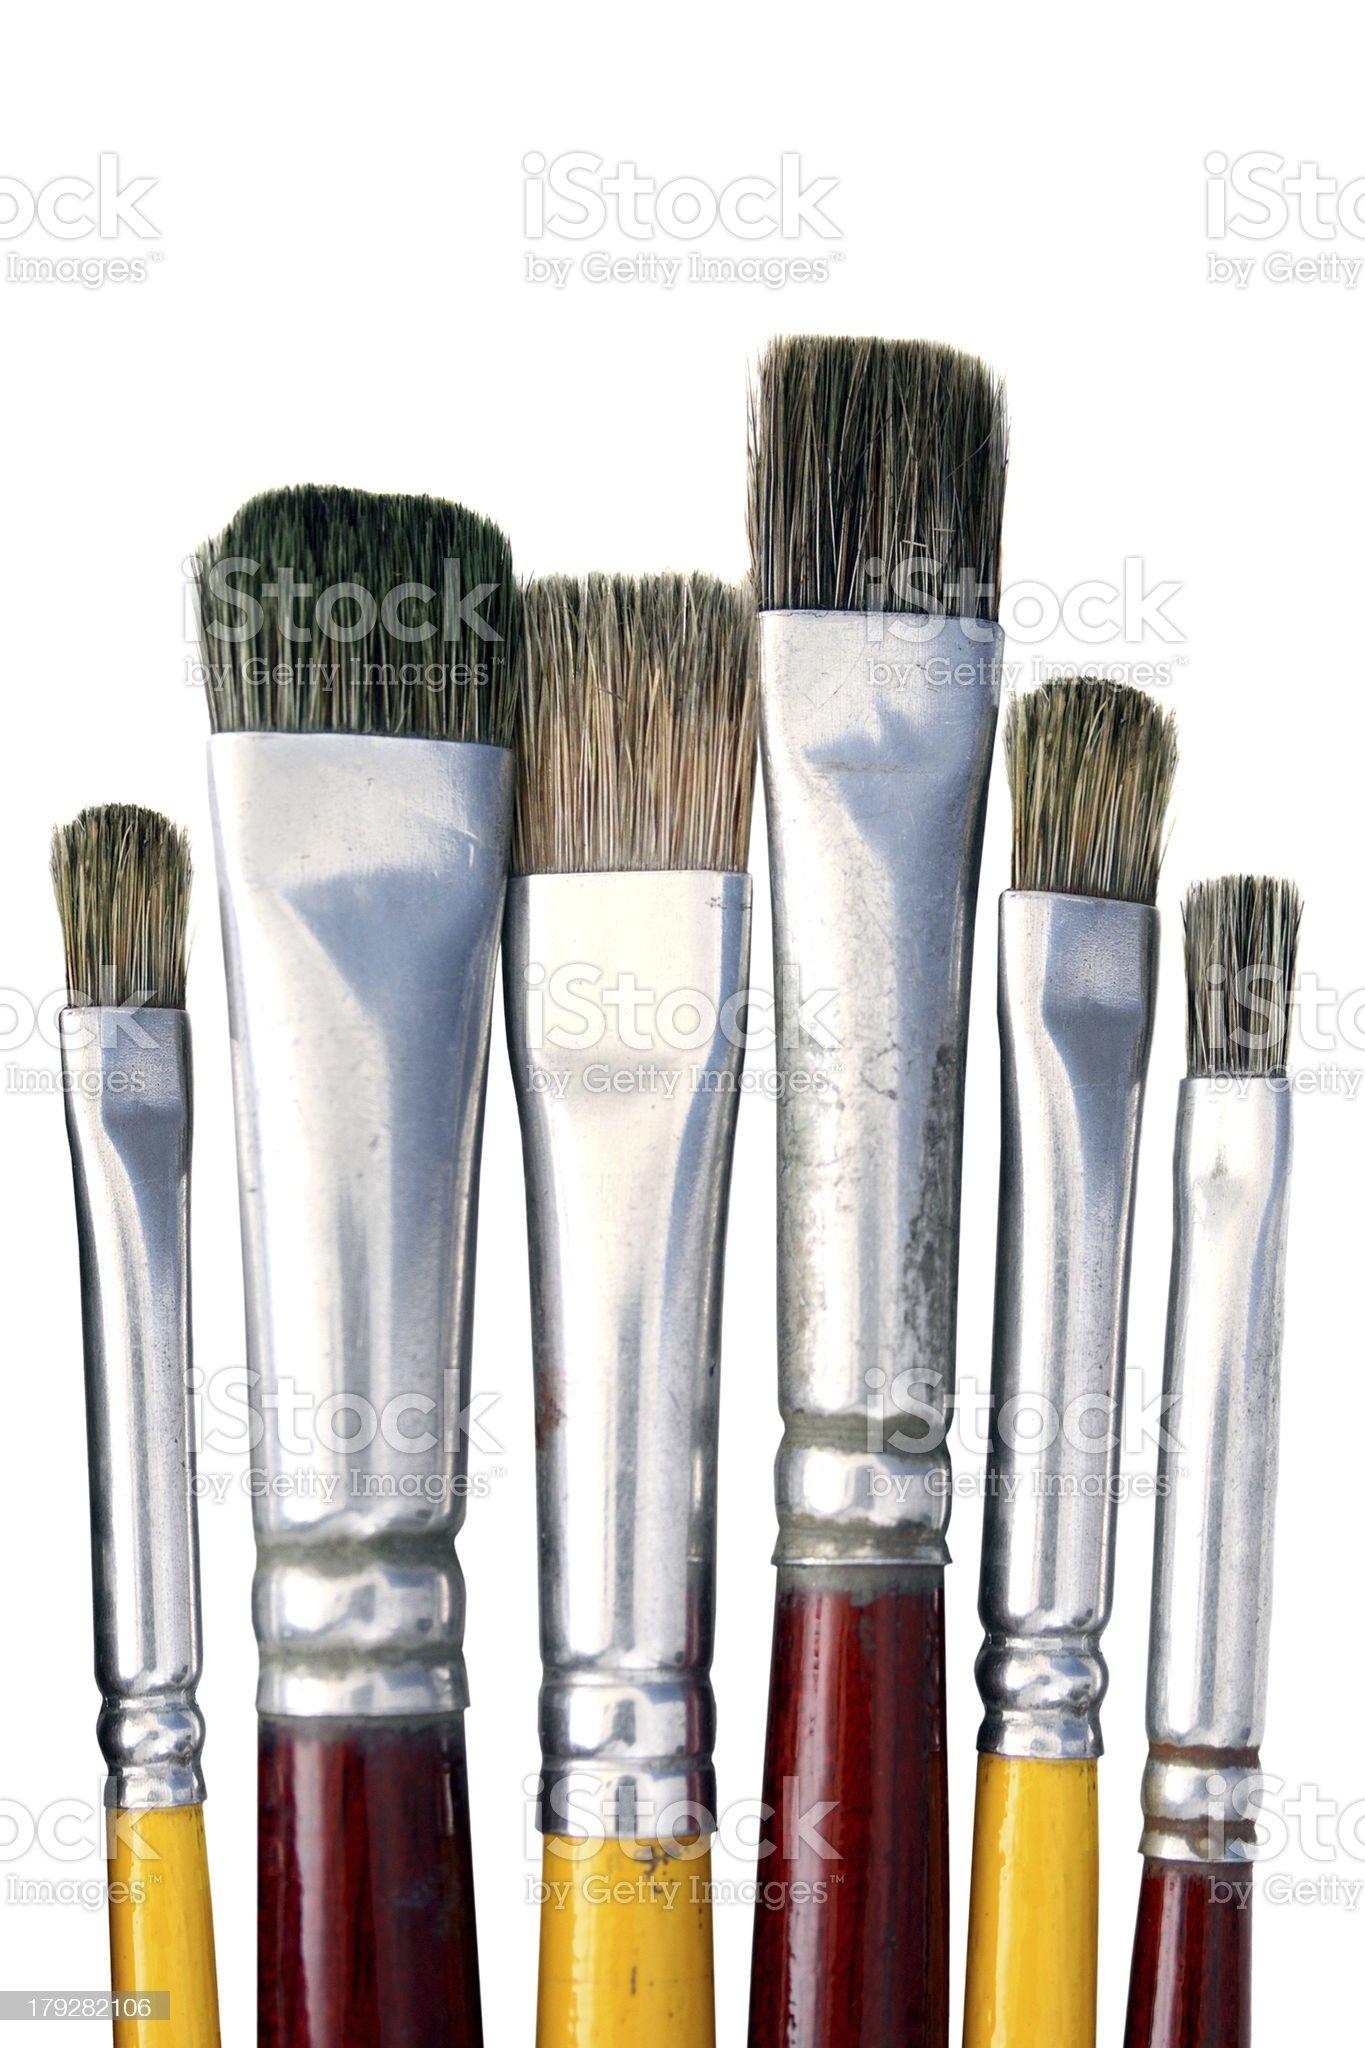 Isolated Paintbrushes royalty-free stock photo